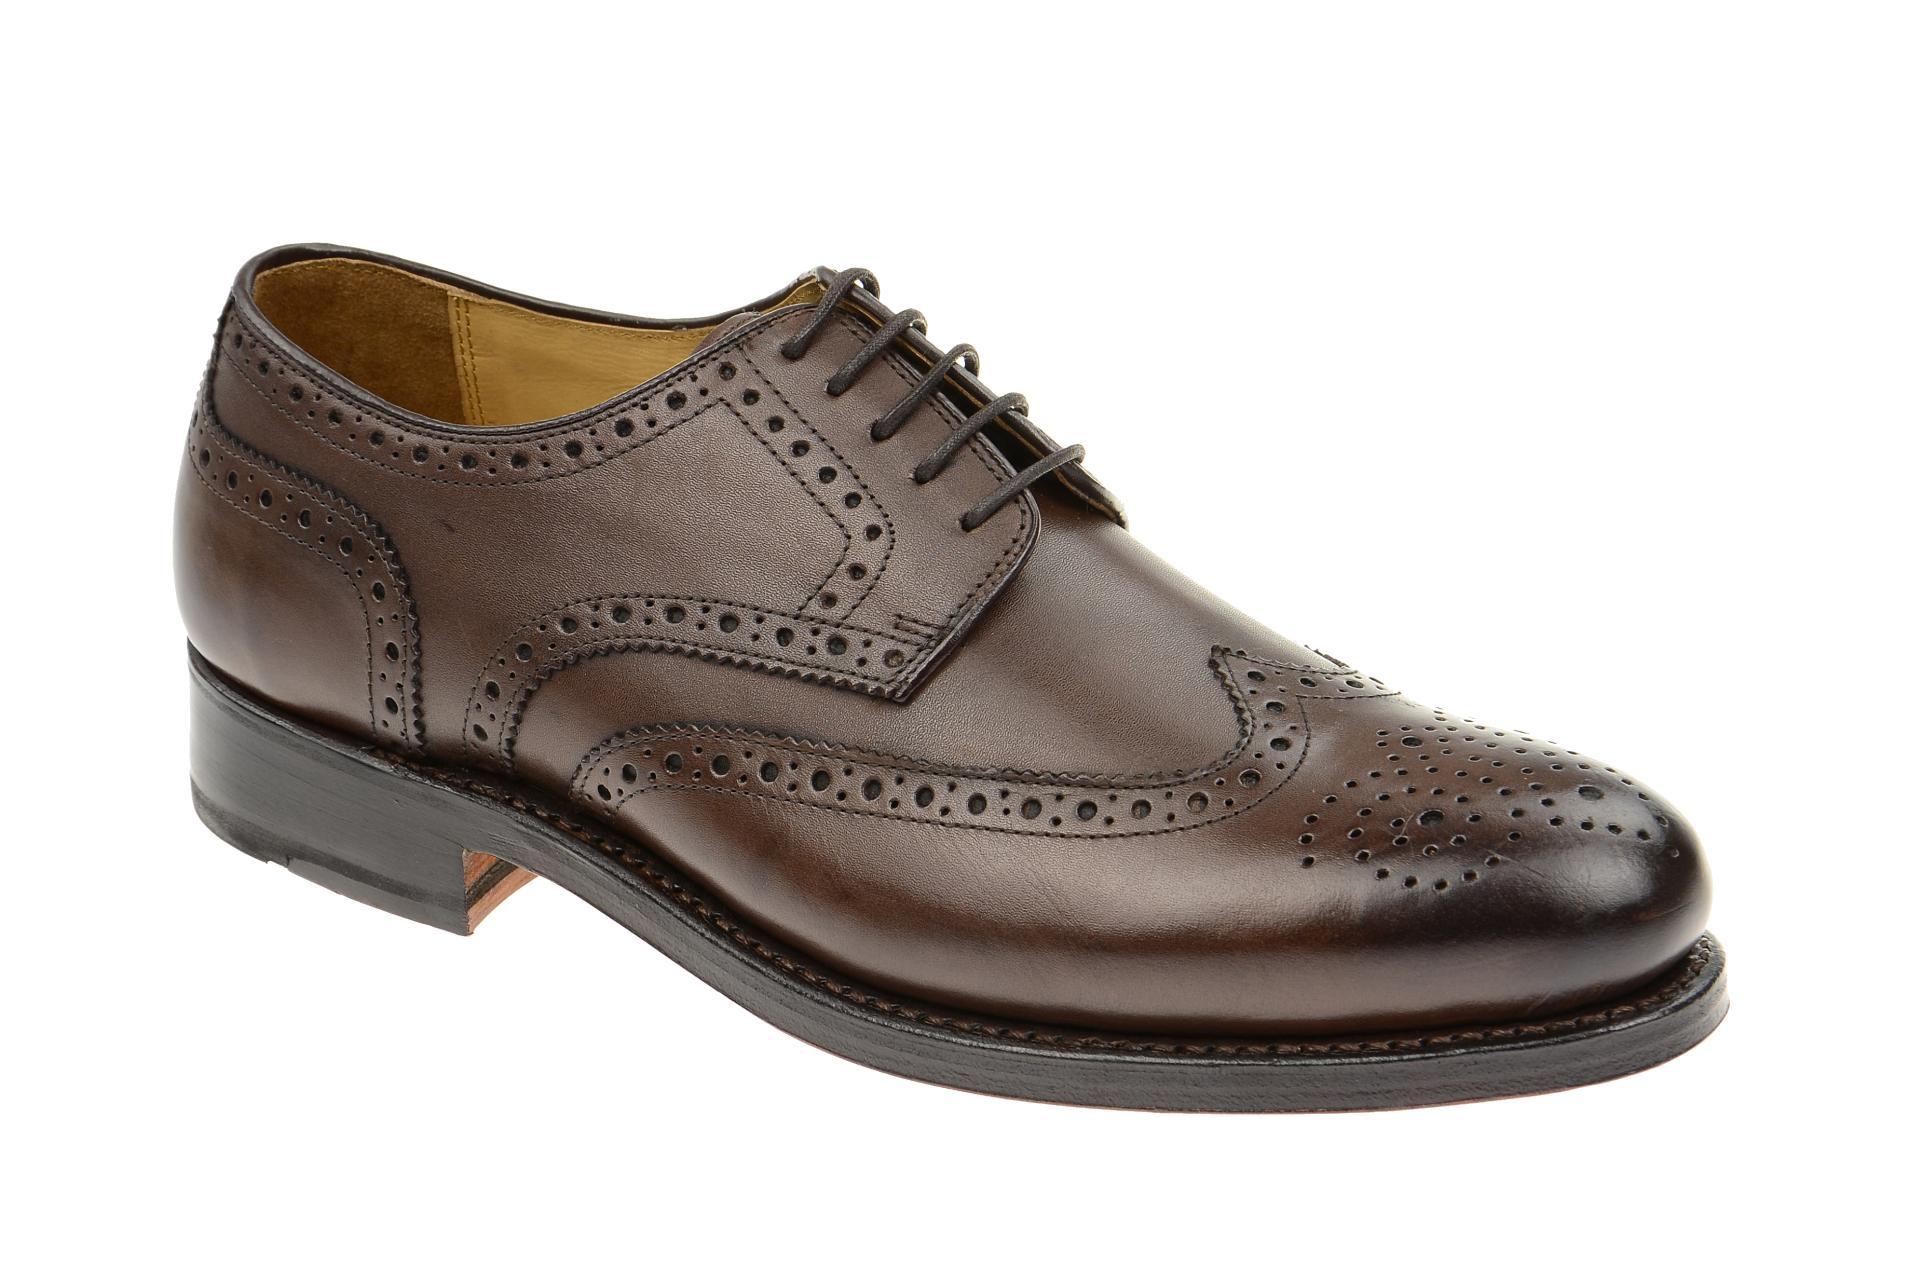 Gordon & Bros. Gordon & Bros Schuhe Levet braun rahmengenäht 2318 :: Braun - 40 - Männlich - Erwachsene